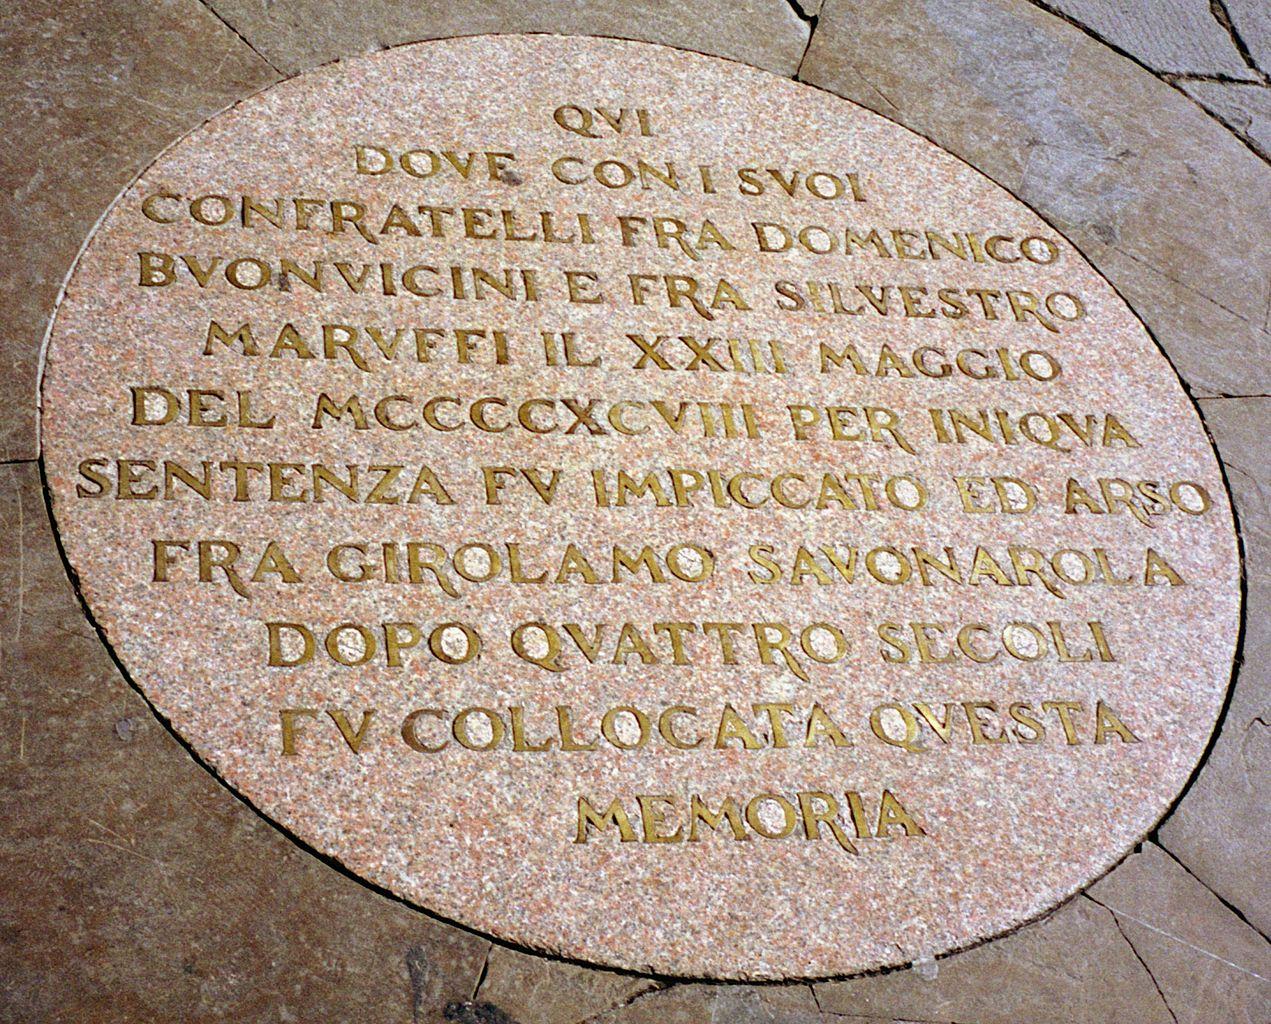 Lapide in piazza della Signoria a Firenze che ricorda il rogo di Savonarola